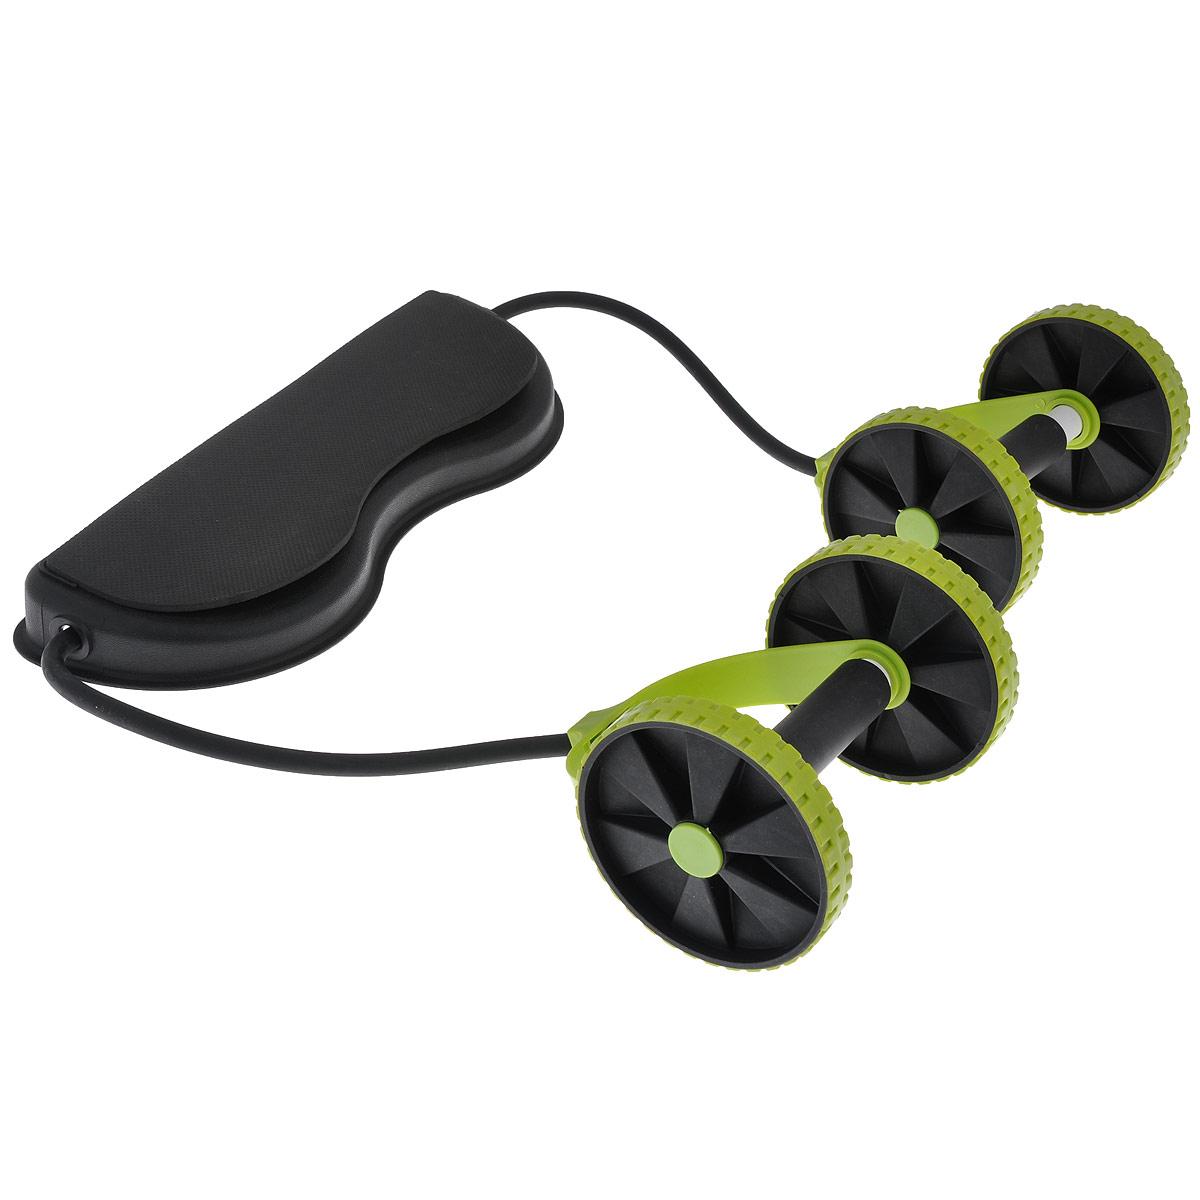 Тренажер универсальный Bradex Top Fit, цвет: зеленыйSF 0053_зеленыйТренажер Bradex Top Fit подходит для людей с любым уровнем физической подготовки. Простая конструкция и удобная регулировка эспандеров. Легкий вес и компактный размер для удобства хранения и транспортировки. Тренажер помогает укрепить тело, развивает гибкость и выносливость. Тренирует мышцы всего тела:- ноги, бедра, ягодицы;- руки, плечи, предплечья;- спину и грудь;- живот, талию.Комплектация: тренажер с эспандерами, инструкция по применению, сумка, советы по питанию, руководство к упражнениям.Размер платформы тренажера: 42 х 14 х 5 см.